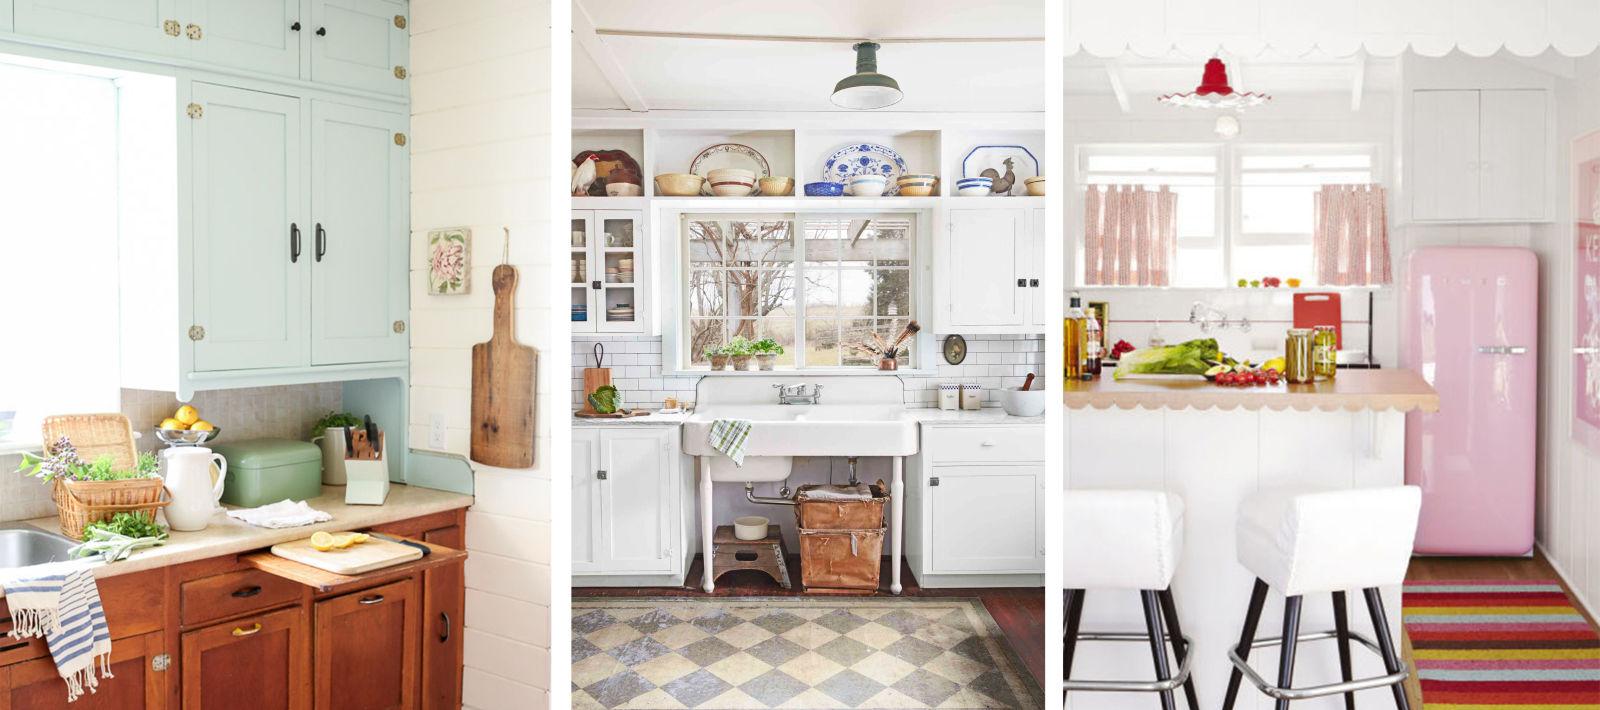 20 vintage kitchen decorating ideas design inspiration for retro 20 vintage kitchen decorating ideas design inspiration for retro kitchens